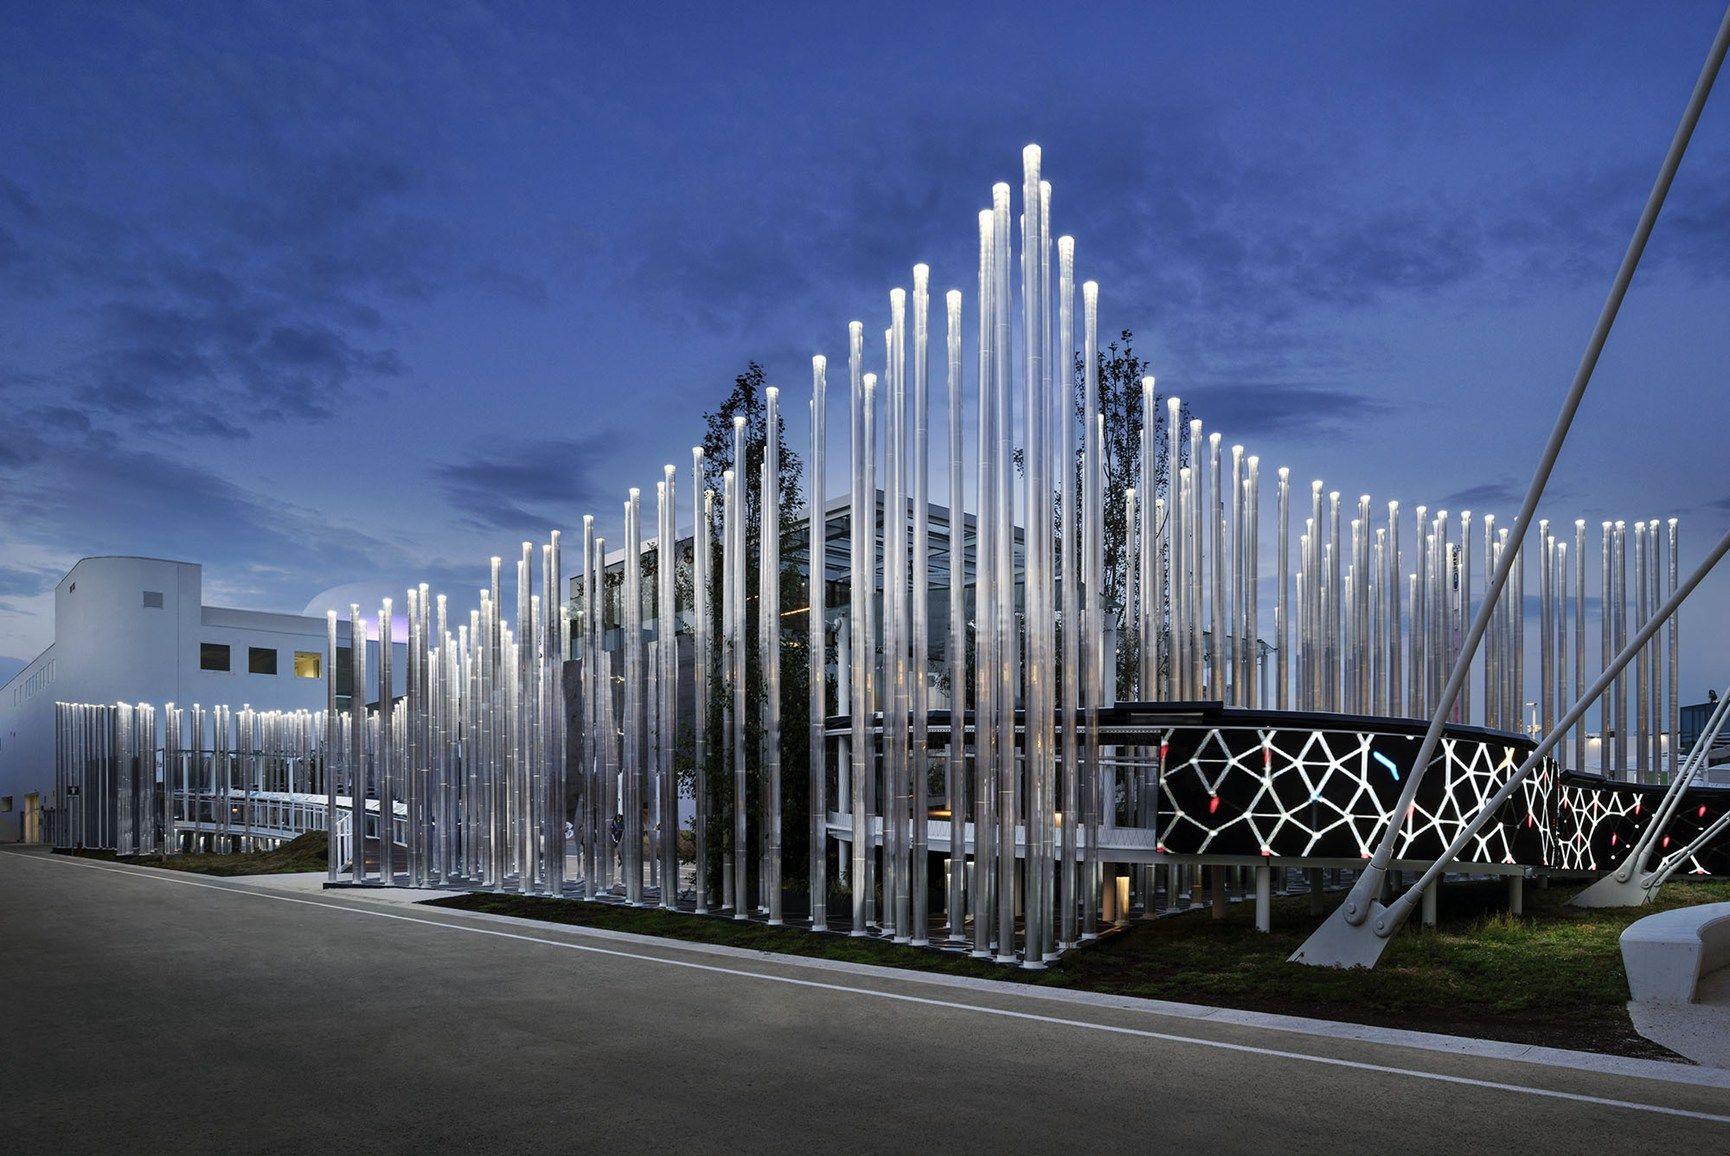 ENEL Pavilion